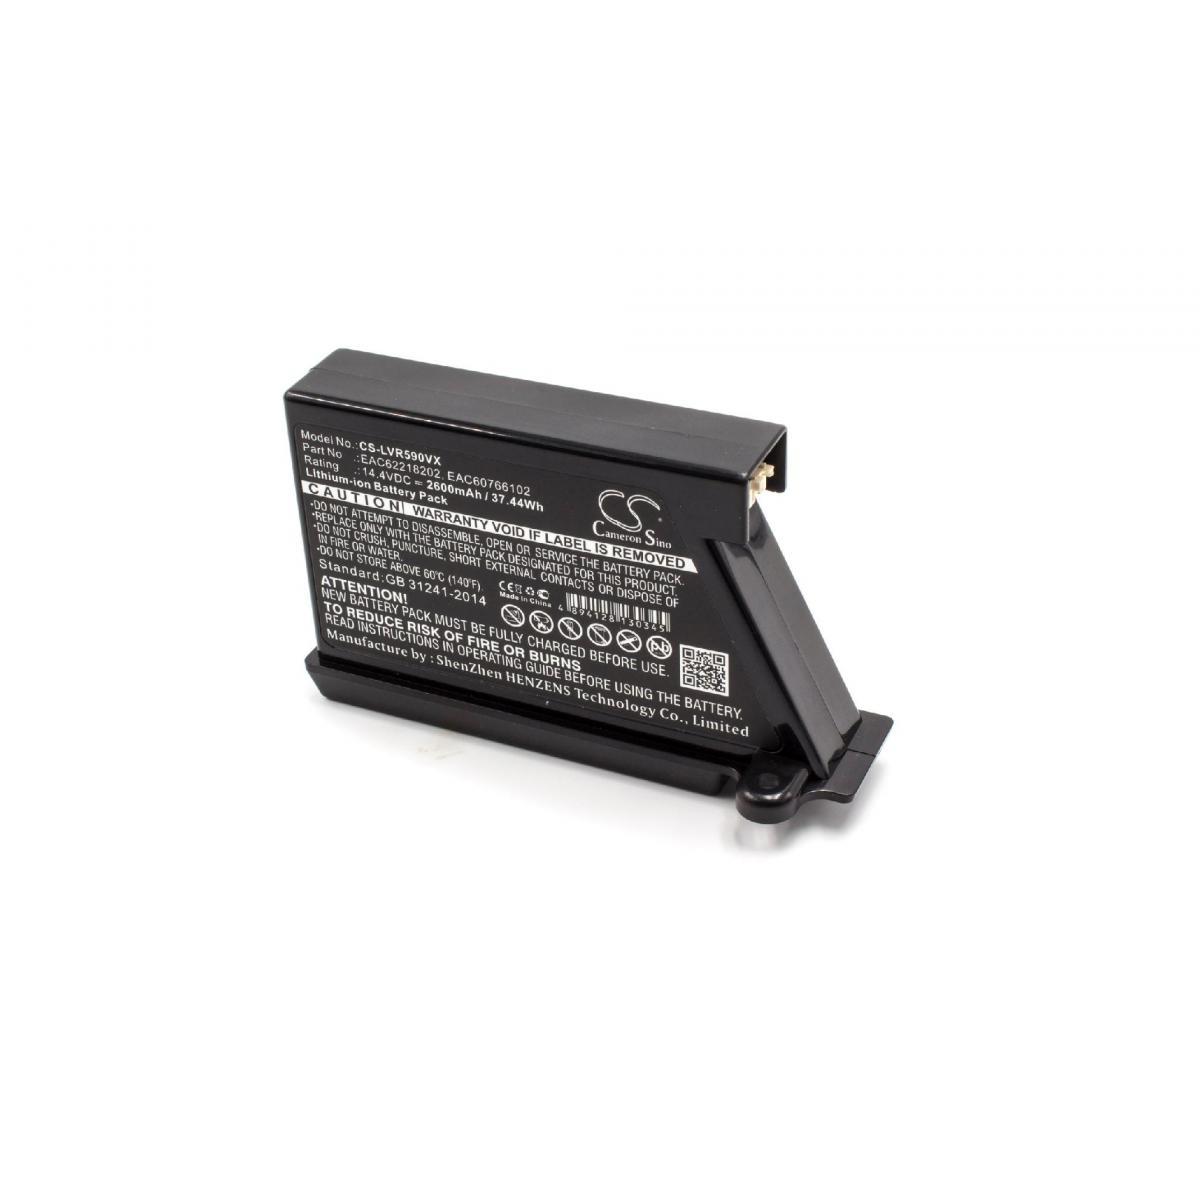 Vhbw vhbw Batterie compatible avec LG HOM-BOT VRF4042LL robot électroménager (2600mAh, 14,4V, Li-ion)